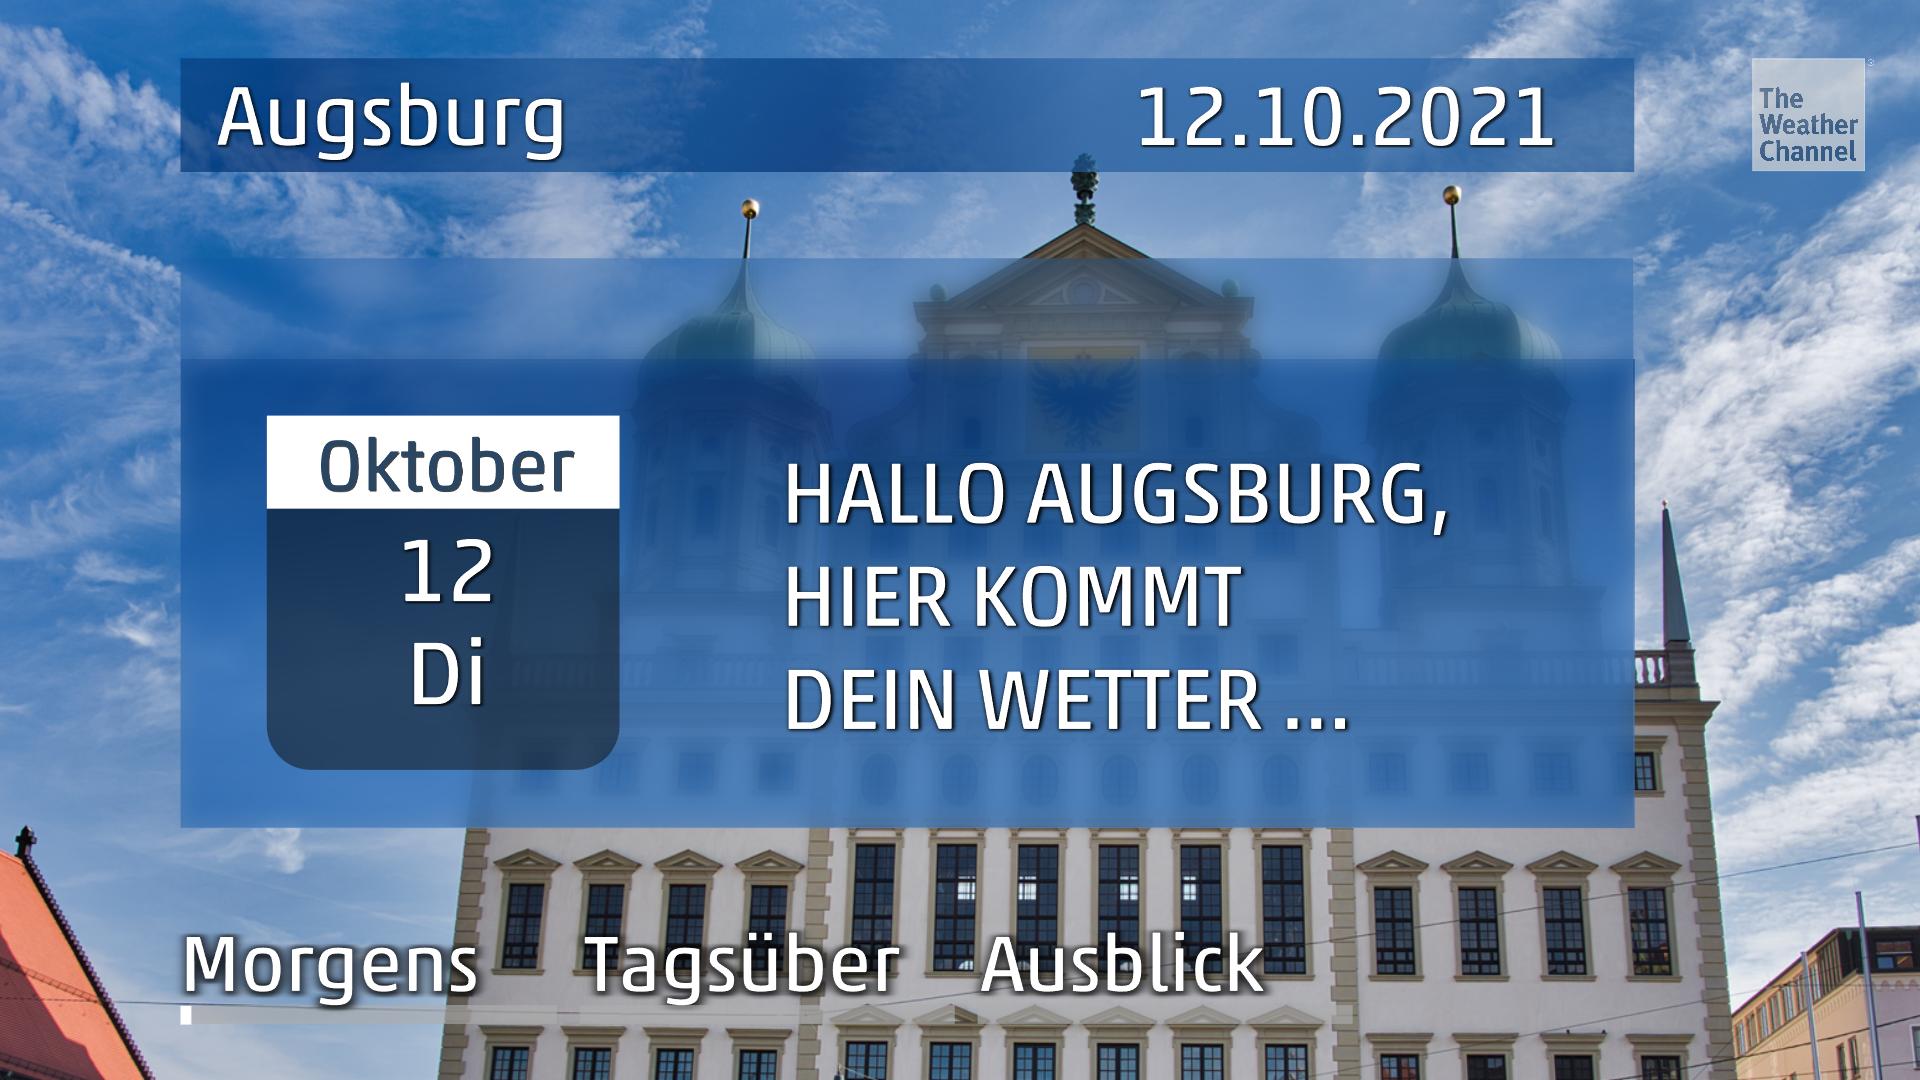 Das Wetter für Augsburg am Dienstag, den 12.10.2021